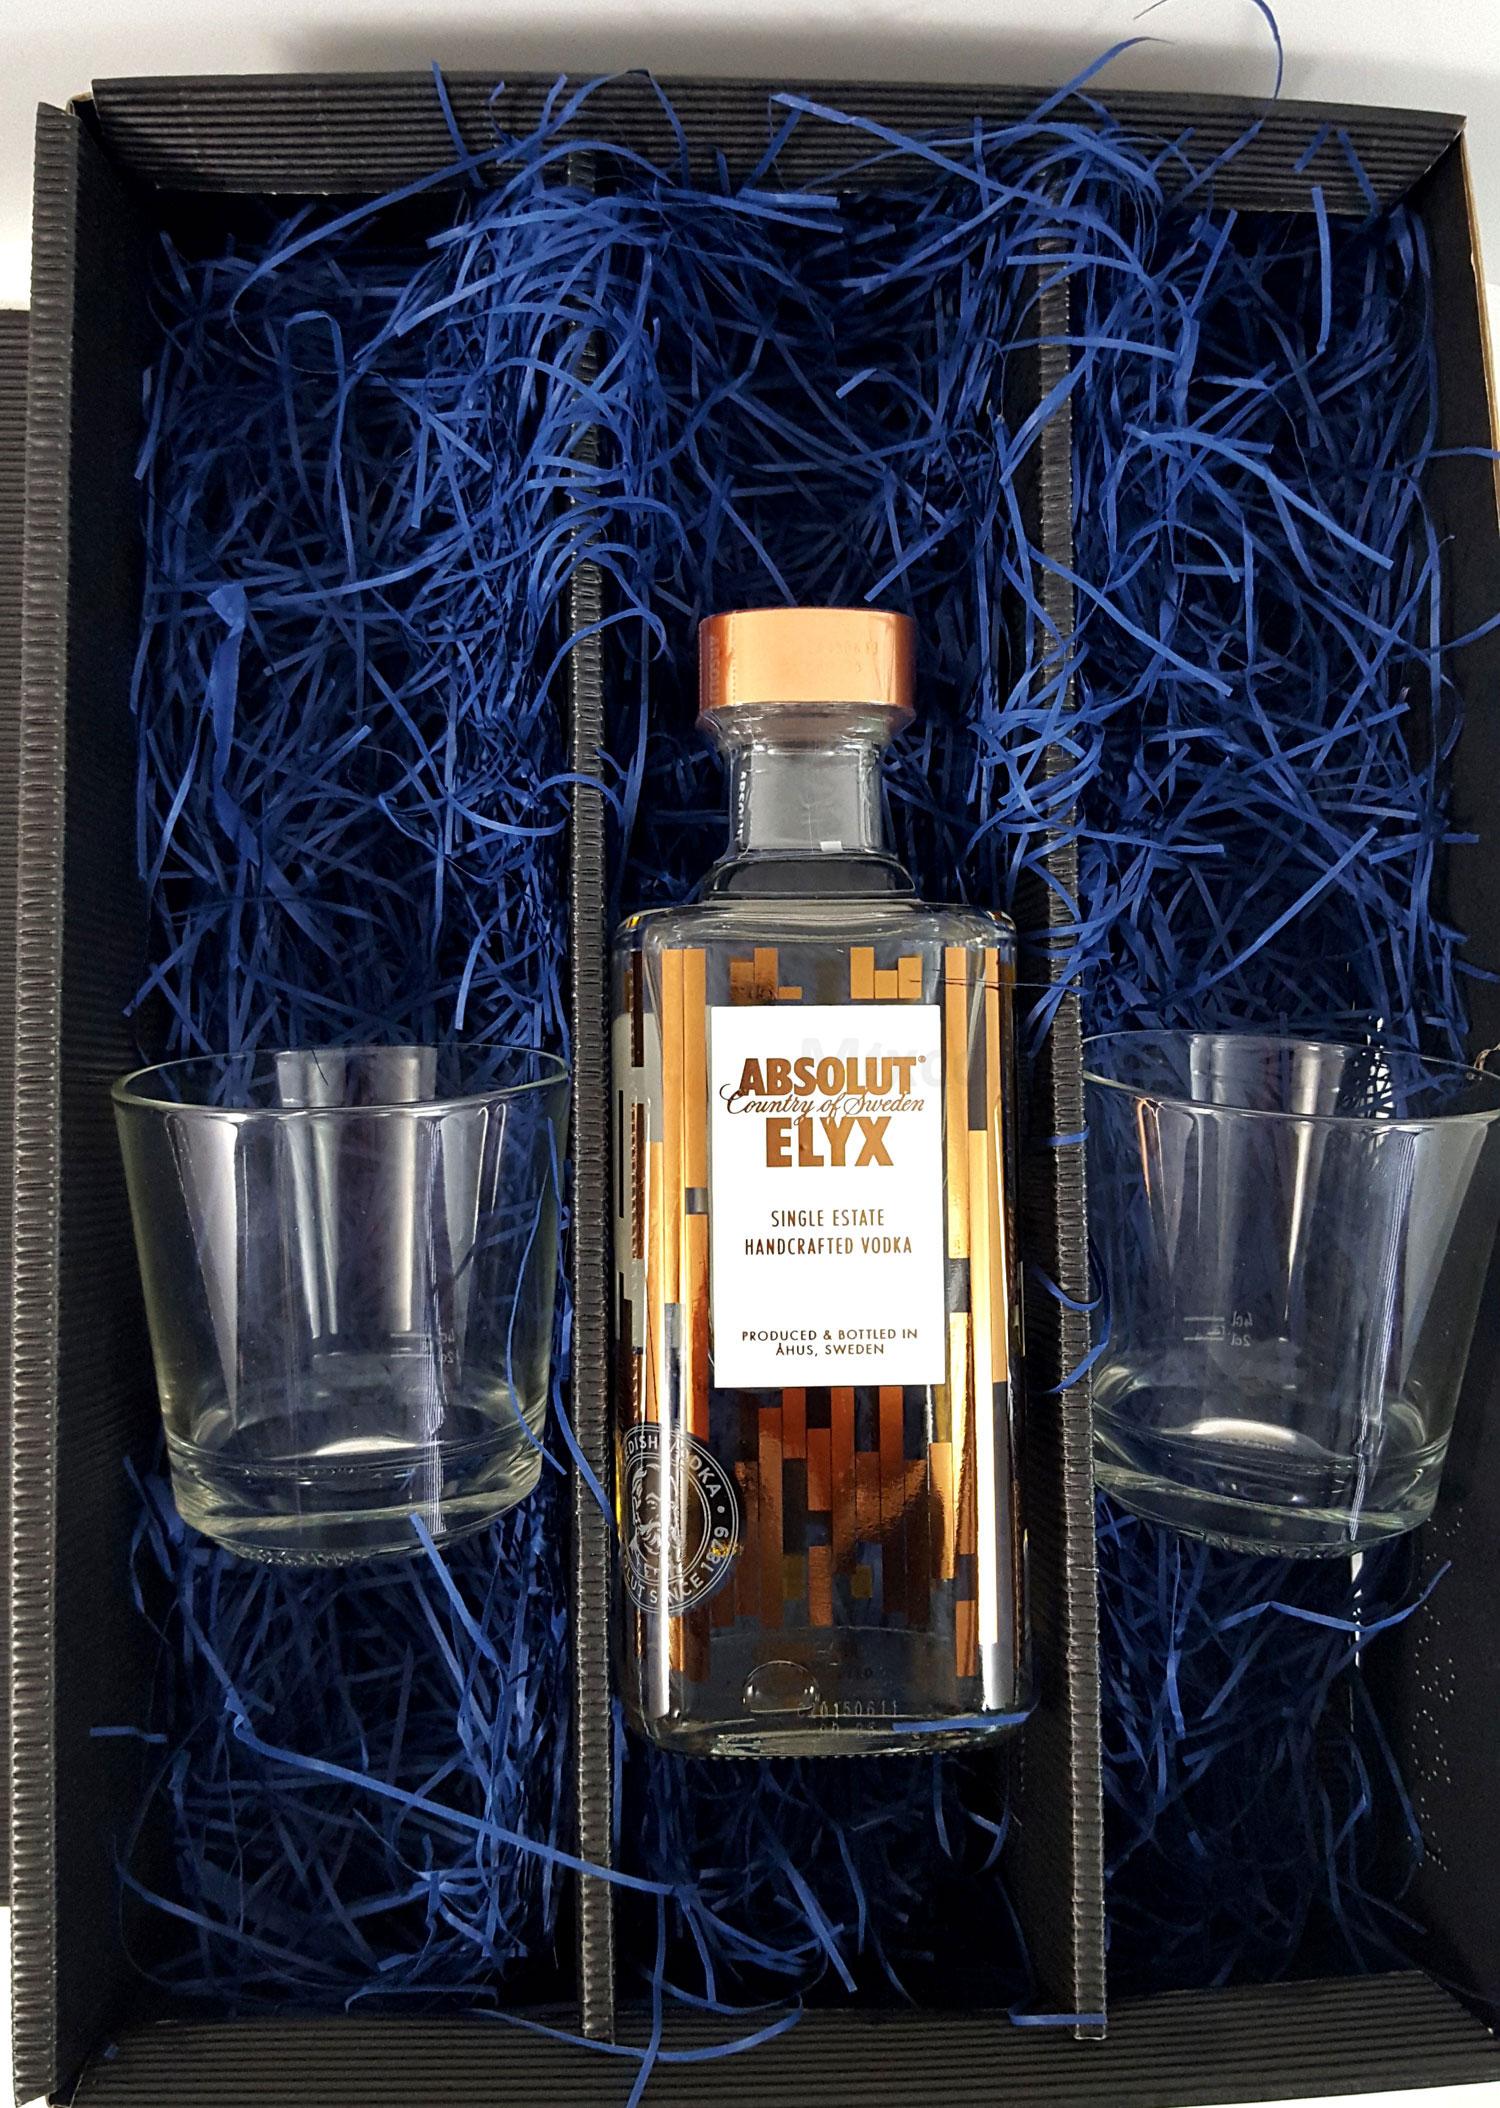 Absolut Set / Geschenkset - Absolut Elyx Vodka 1L (50% Vol) + 2x Absolut Gläser geeicht 2/4cl